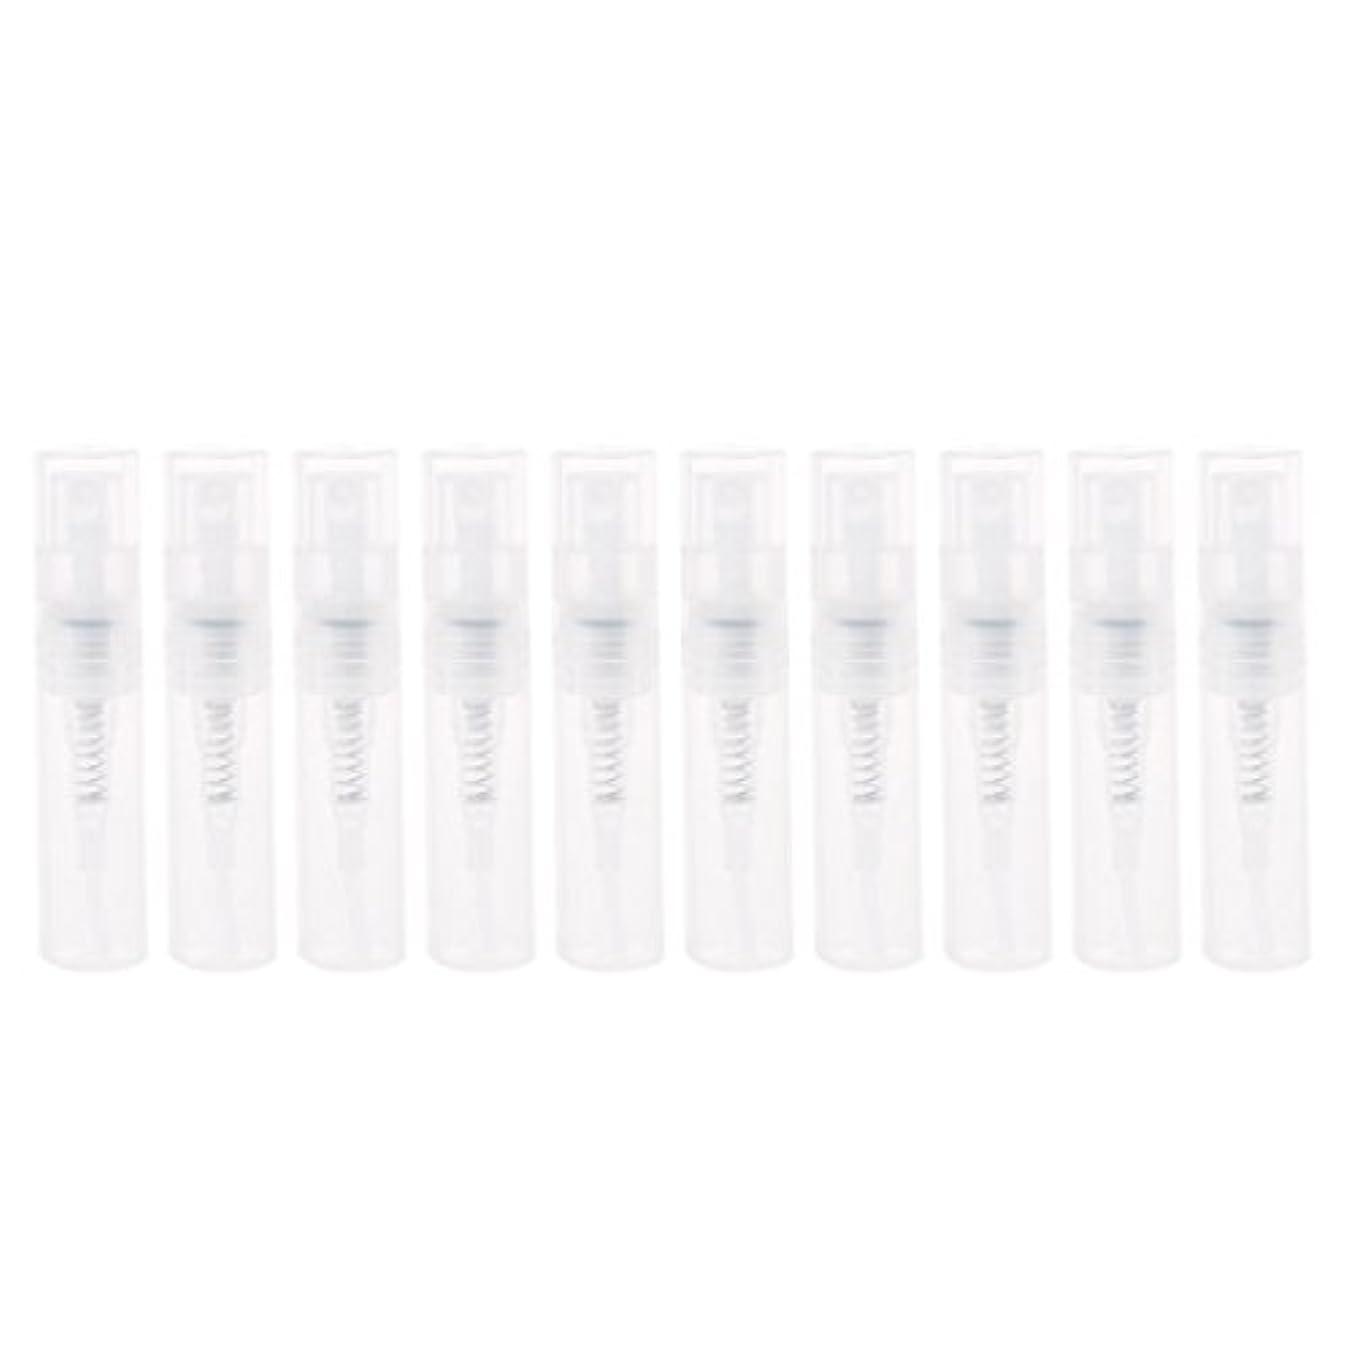 エージェント無人エンディングDabixx 2ml小さいプラスチック香水スプレーの空のびんの化粧品の容器のスプレーボトル